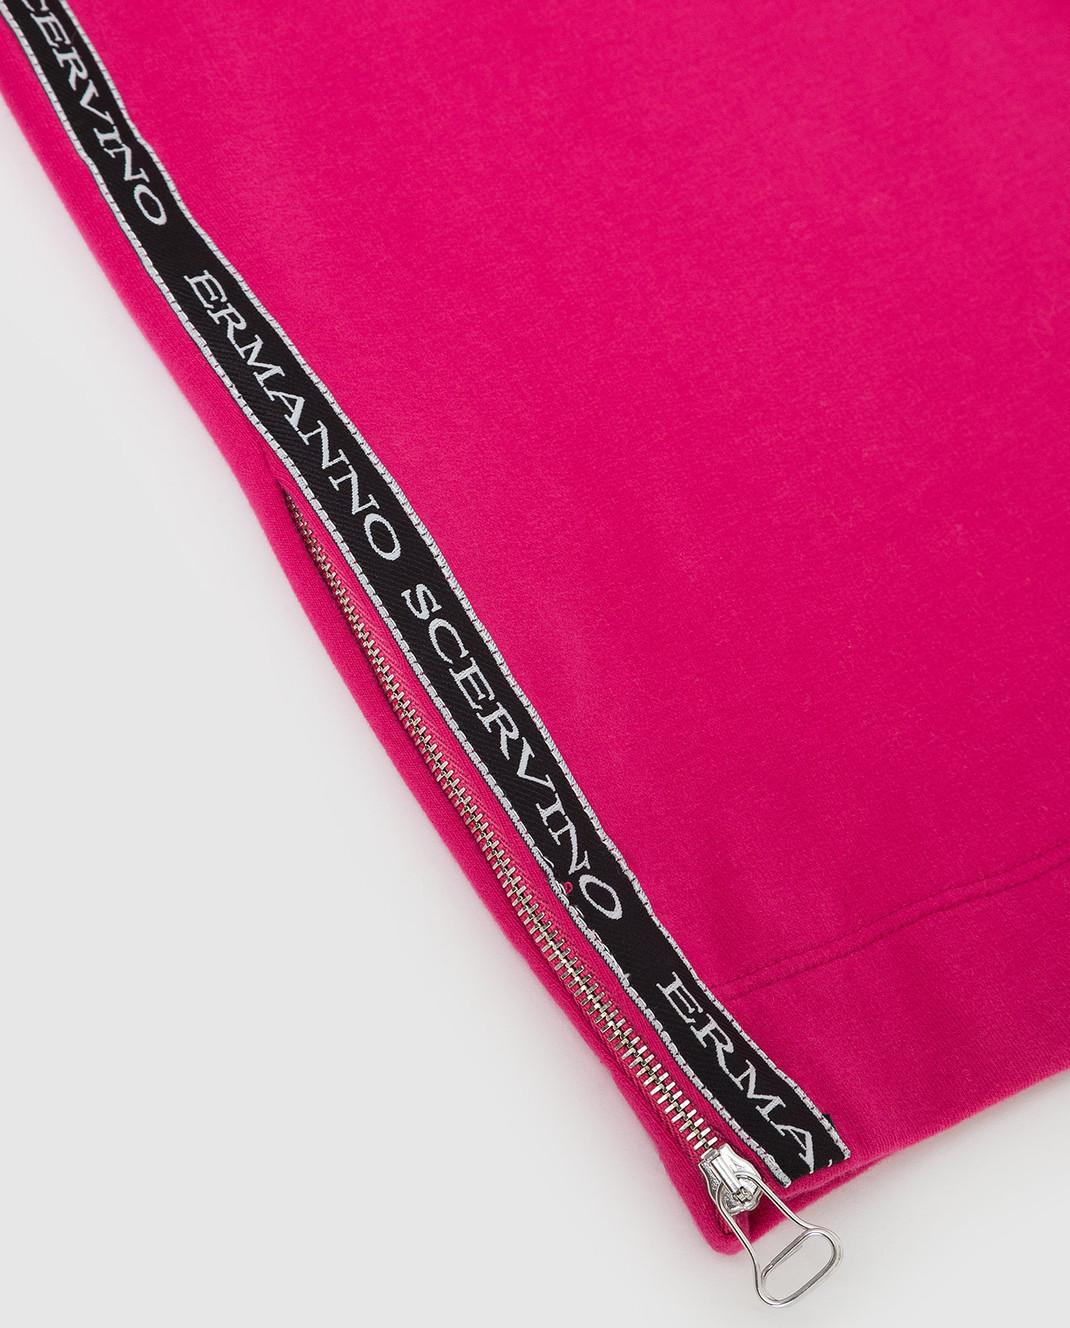 Ermanno Scervino Детское розовое платье AB181012 изображение 3